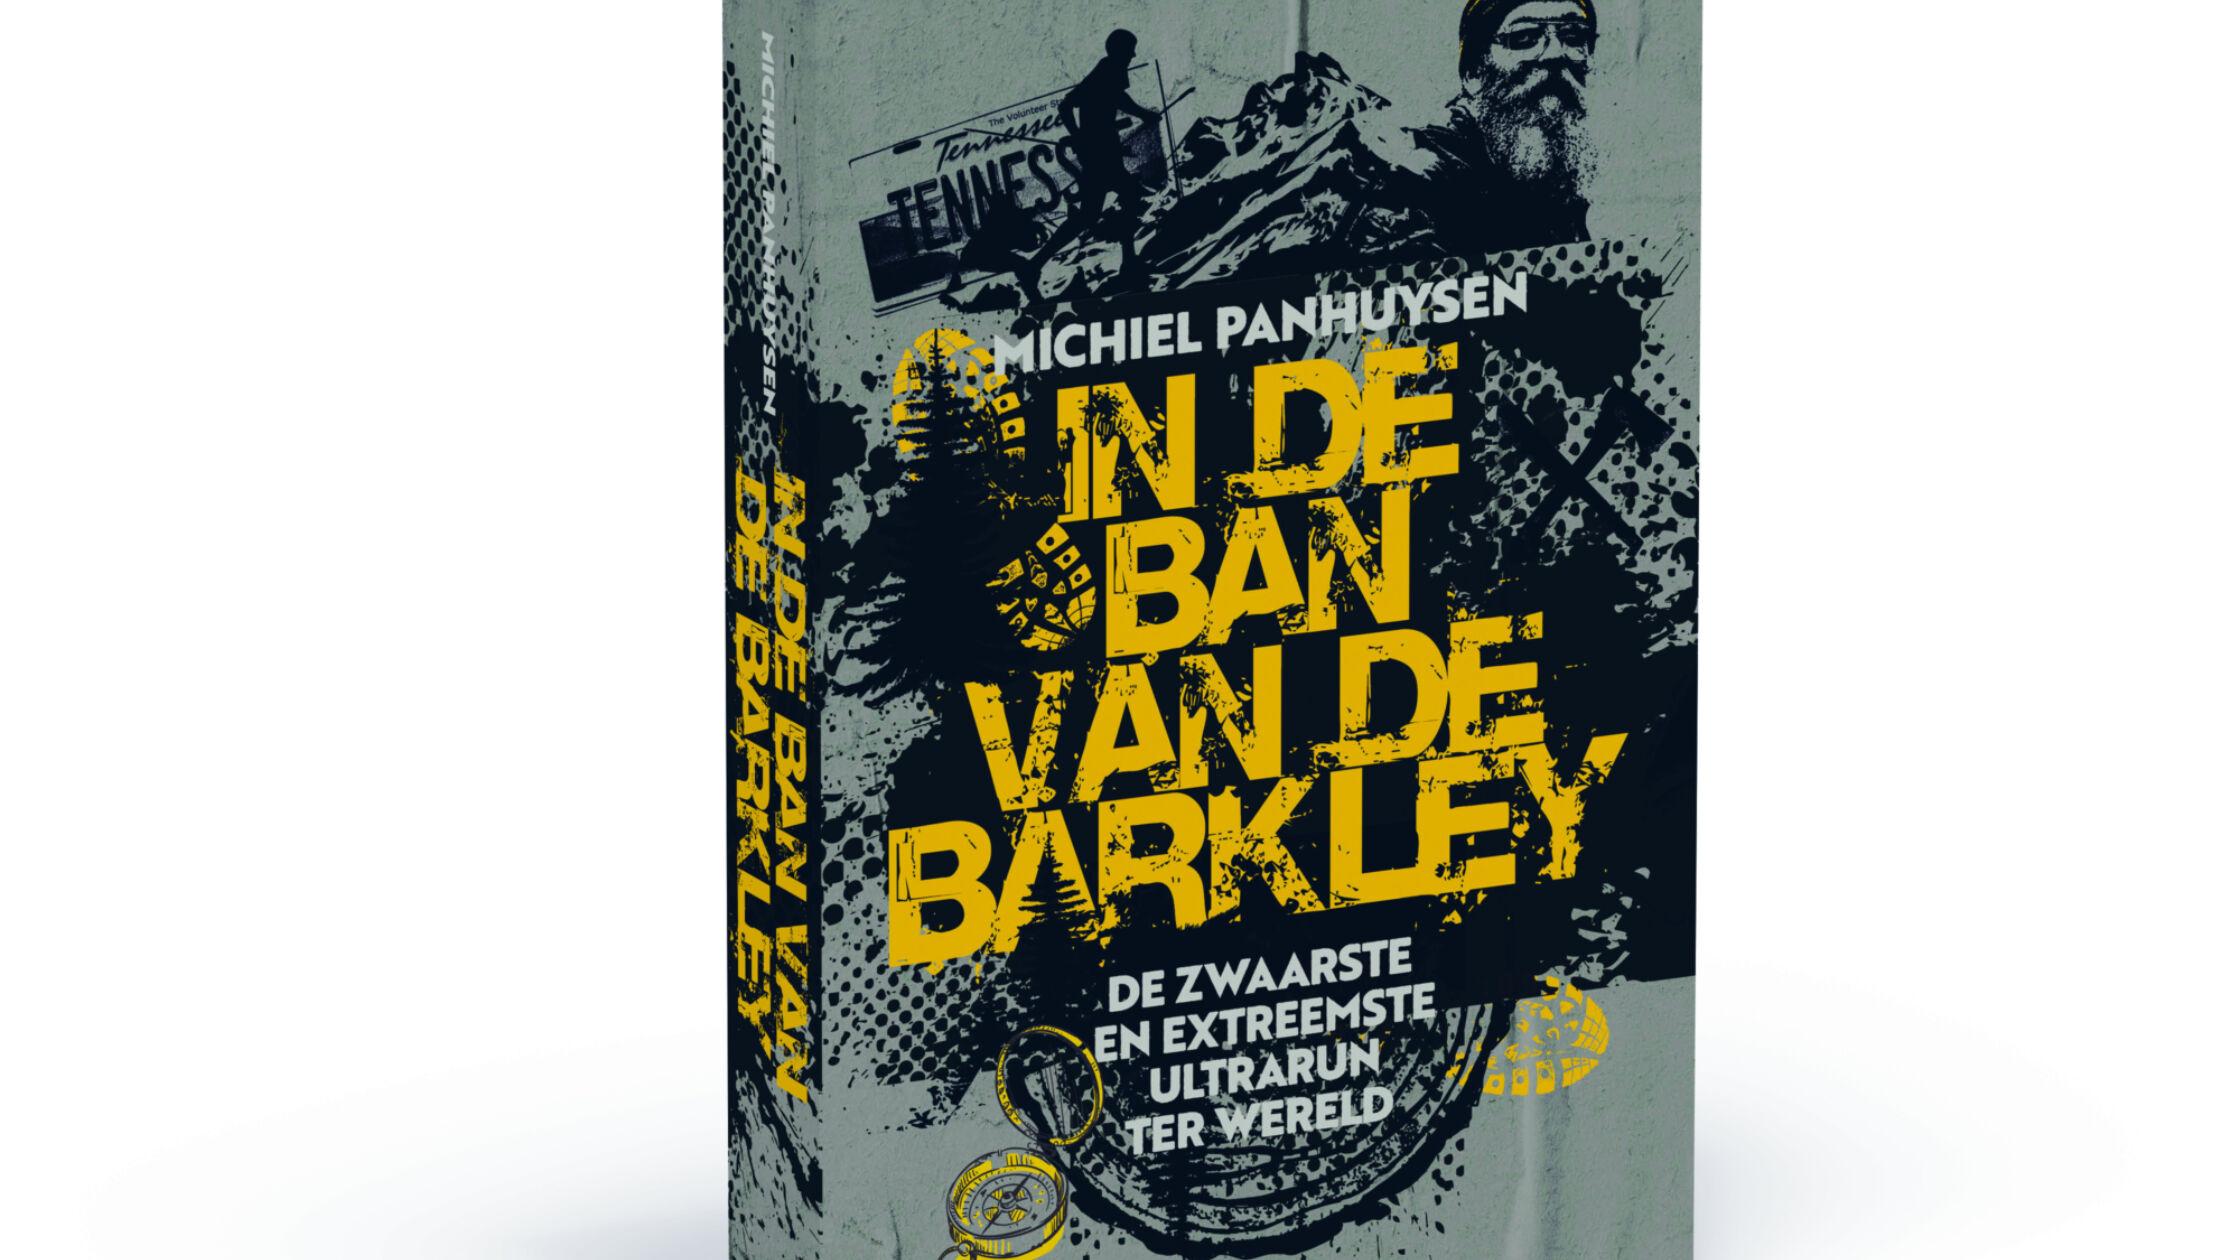 De mythische ultramarathon: The Barkley Marathon